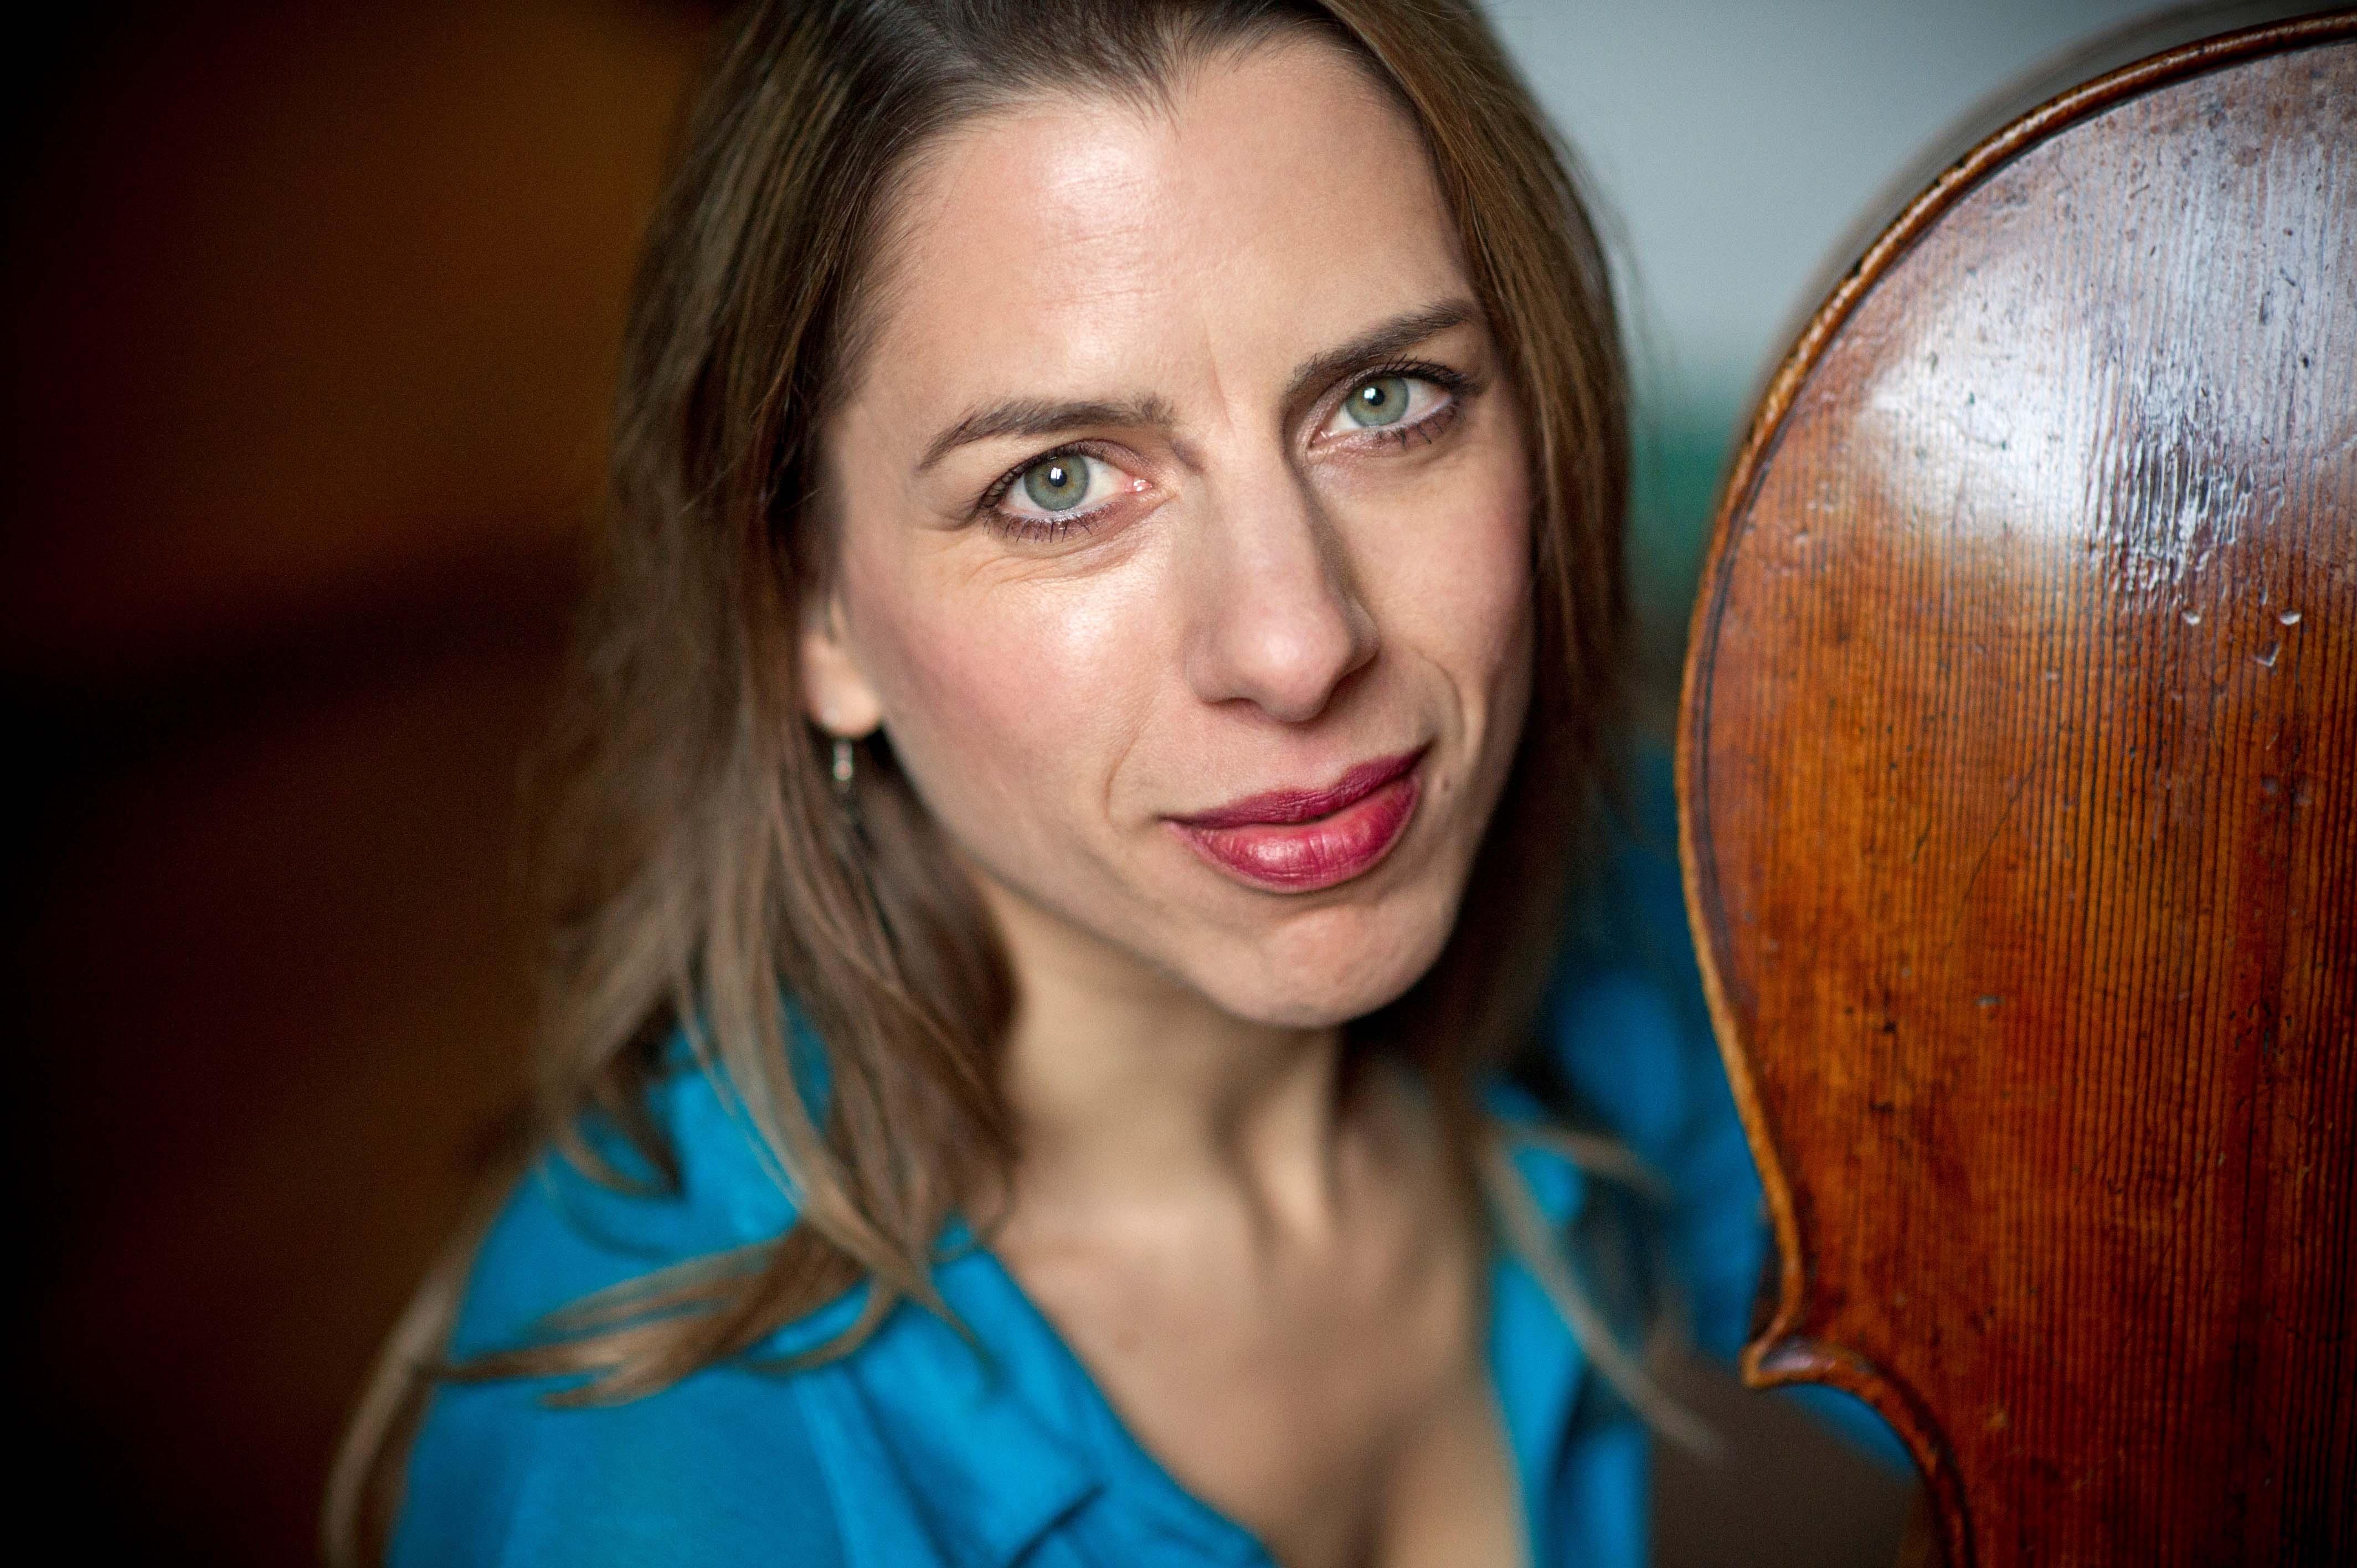 Ingrid Schoenlaub (c) Jean-Baptiste Millot